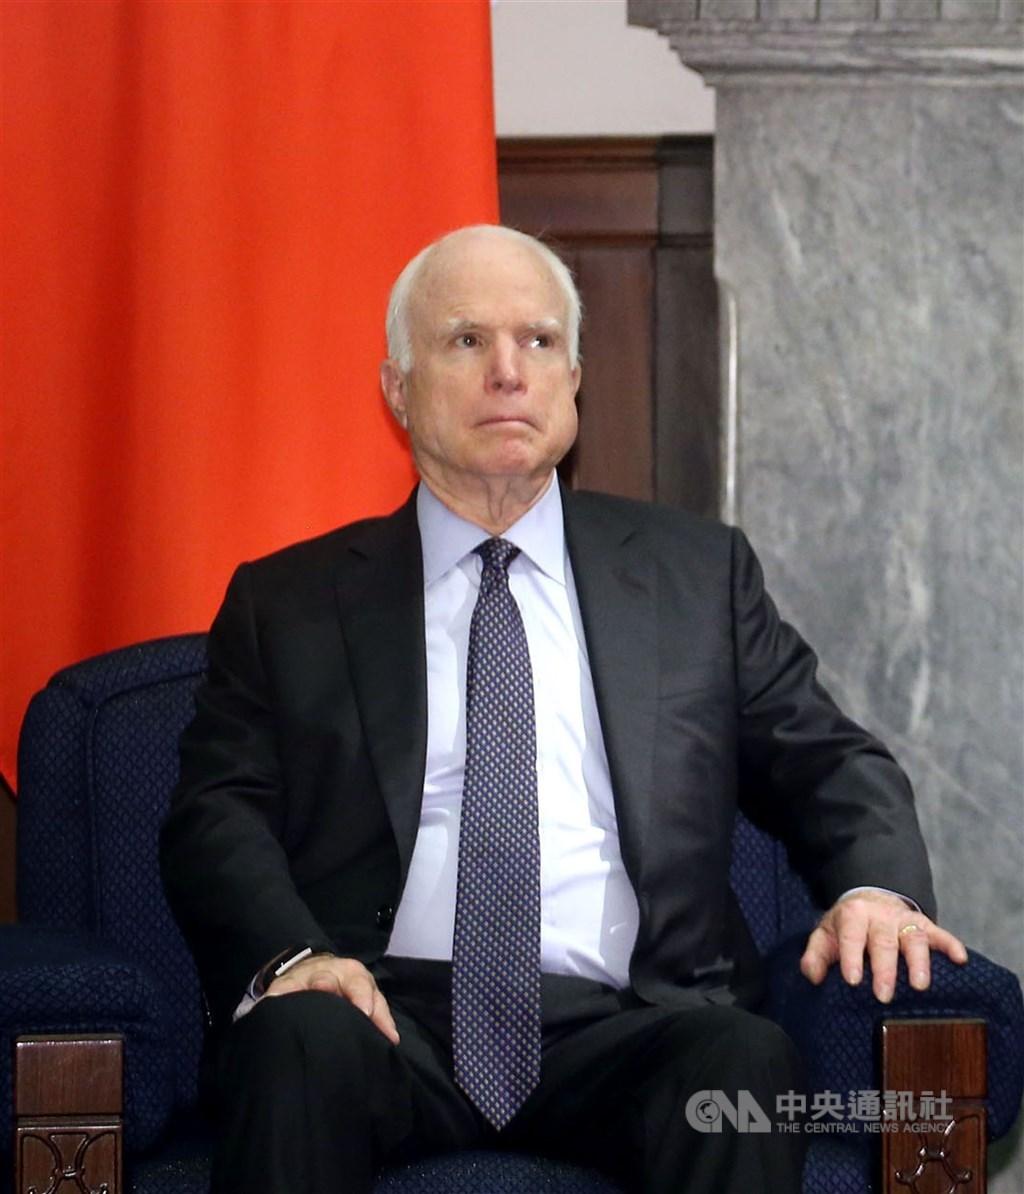 曾在2008年代表共和黨參選總統的馬侃(圖)在亞利桑那州德高望重,2018年因腦癌辭世。川普20年來多次發言羞辱馬侃,被認為是可能輸掉亞利桑那的主因。(中央社檔案照片)